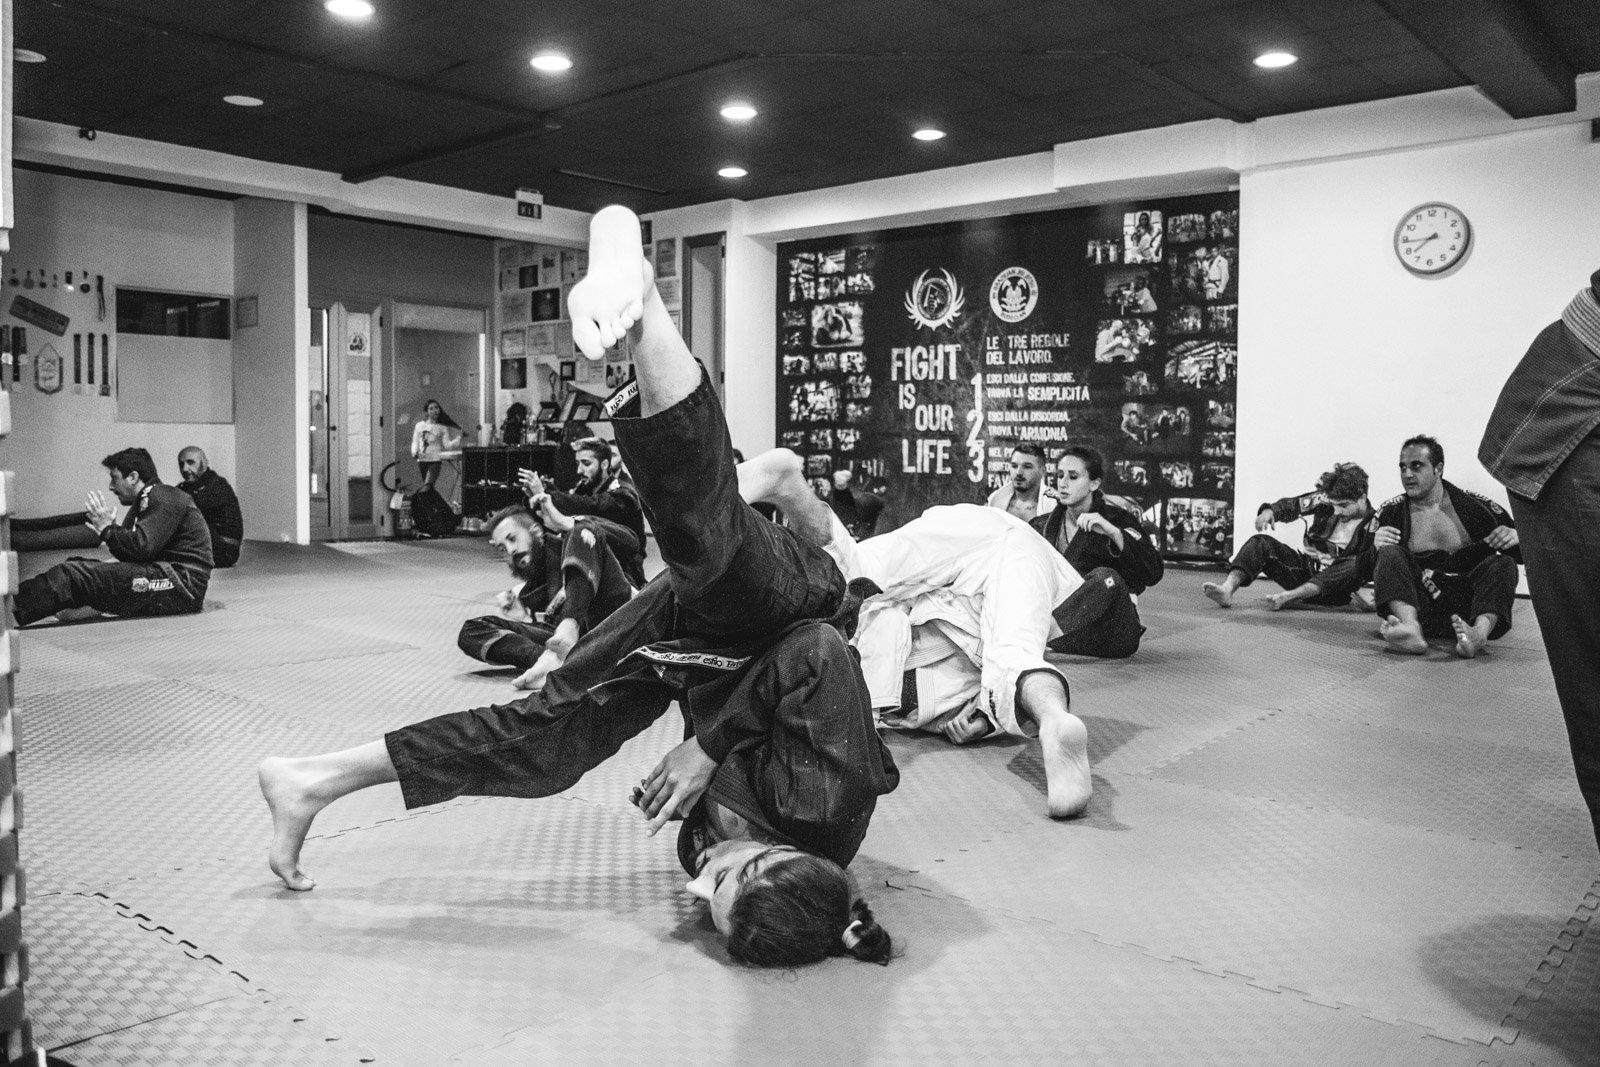 Berimbolo - Giuseppe Liuzzi - Jiu Jitsu Brasiliano